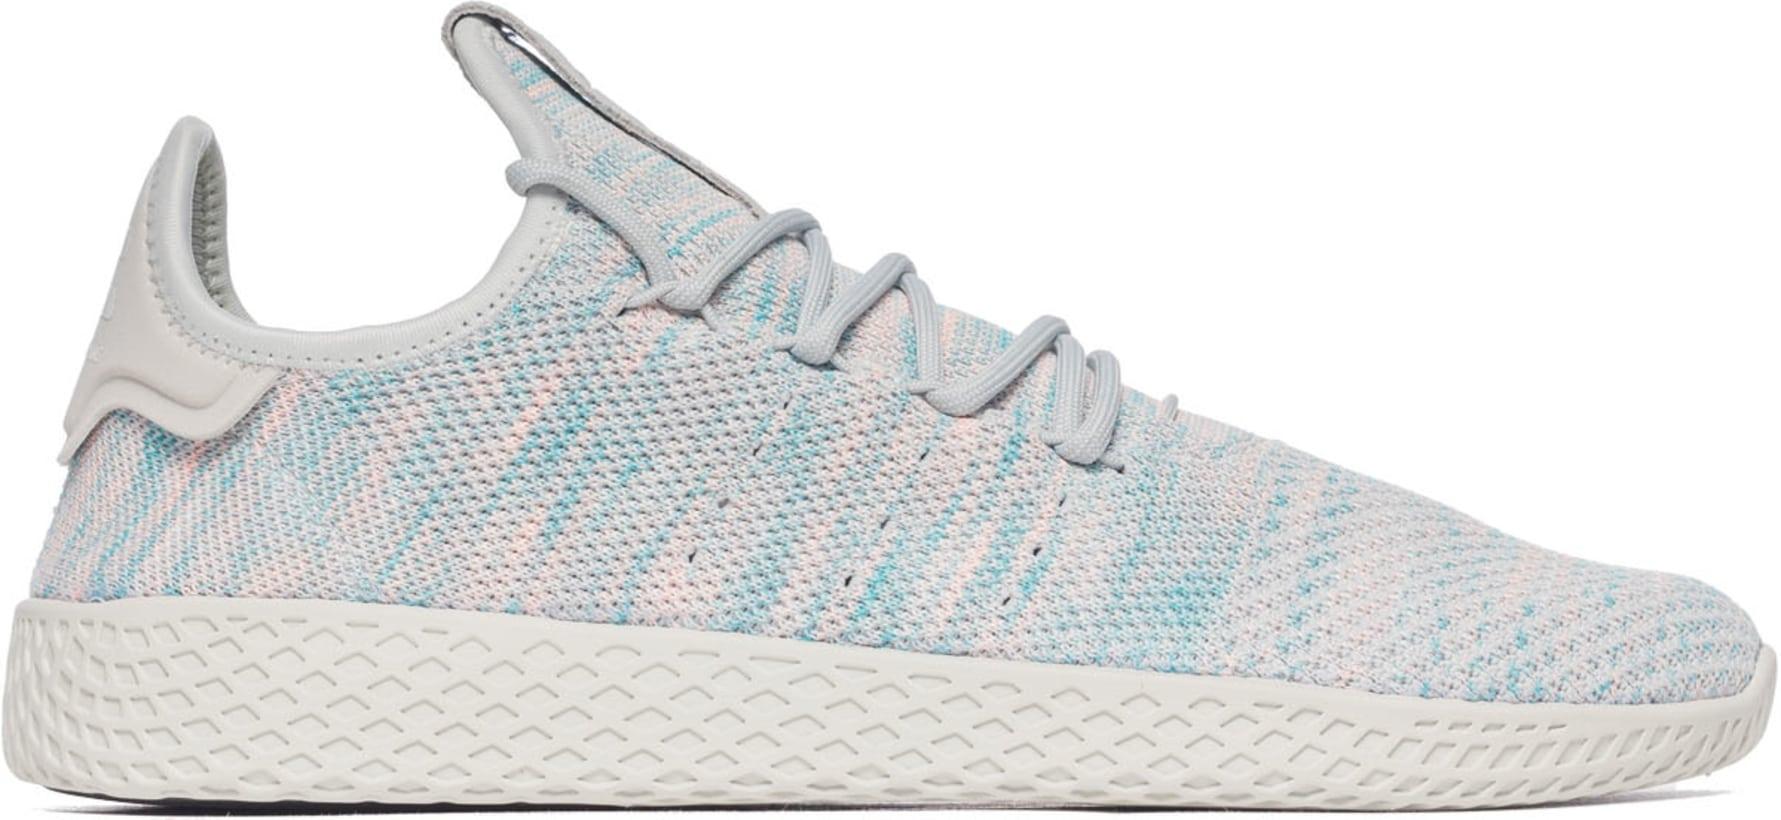 Pharrell Williams Tennis Hu - Pink Blue Light Grey  b23fa66c7b